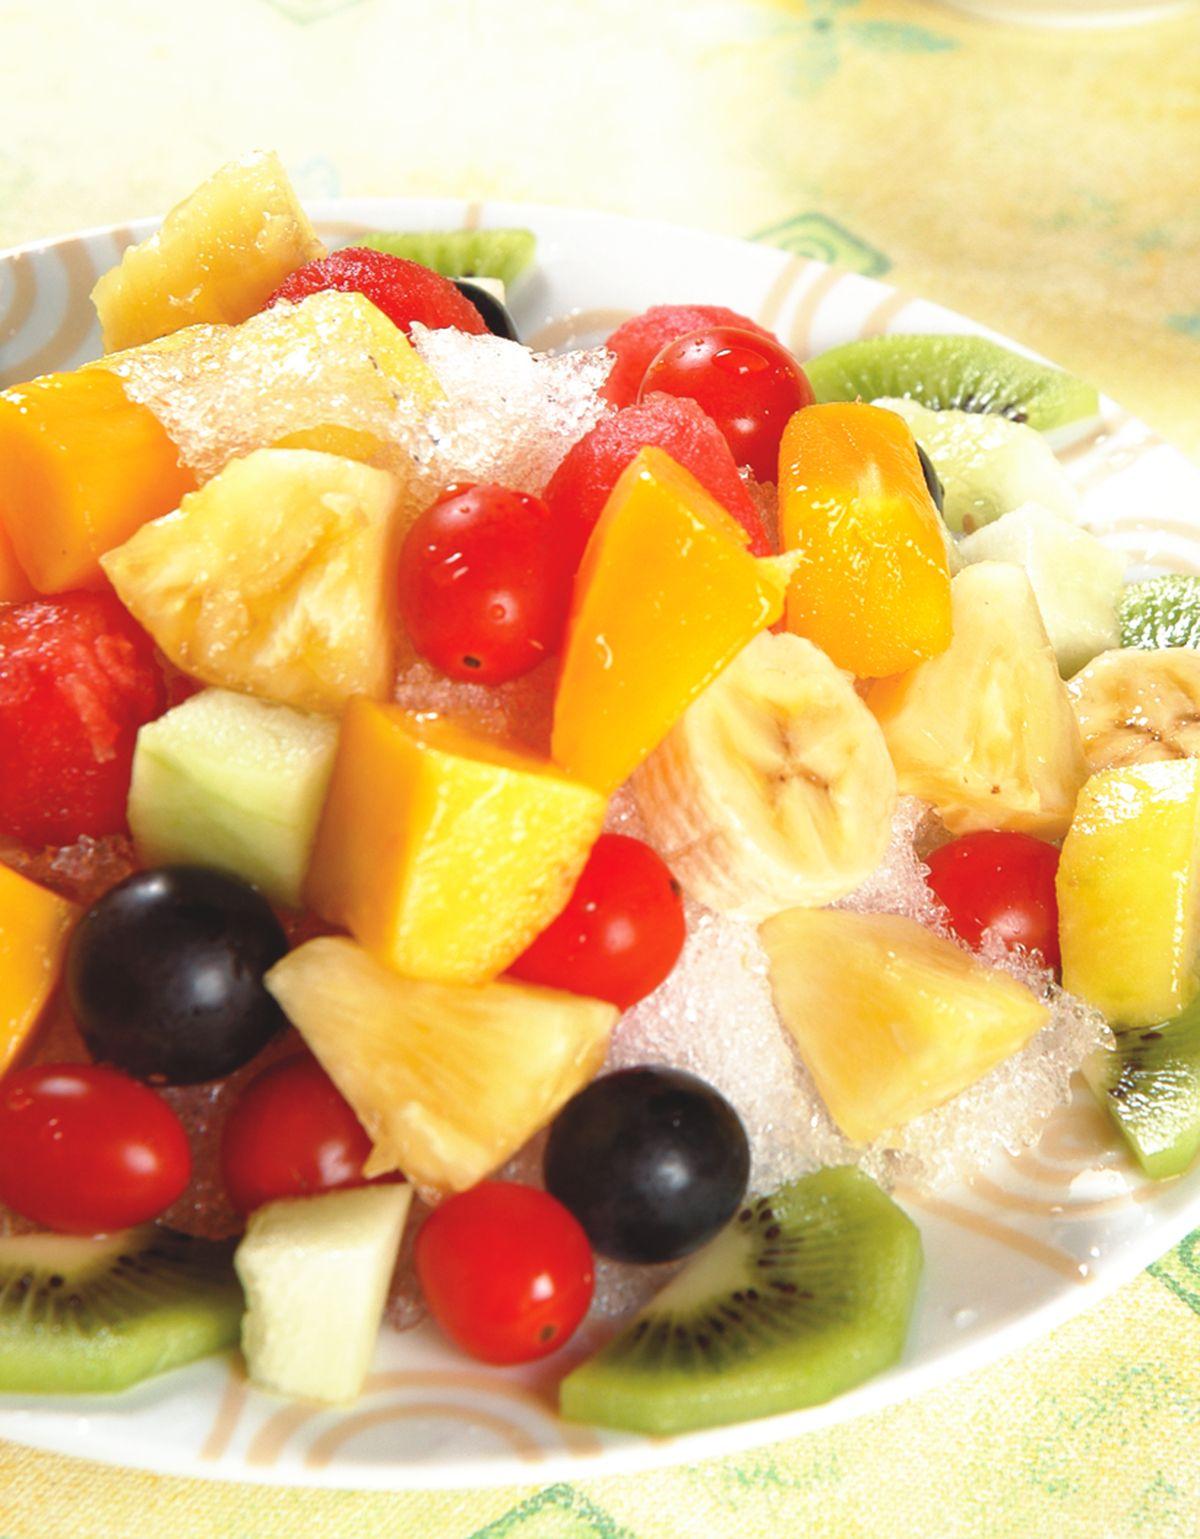 食譜:綜合水果冰